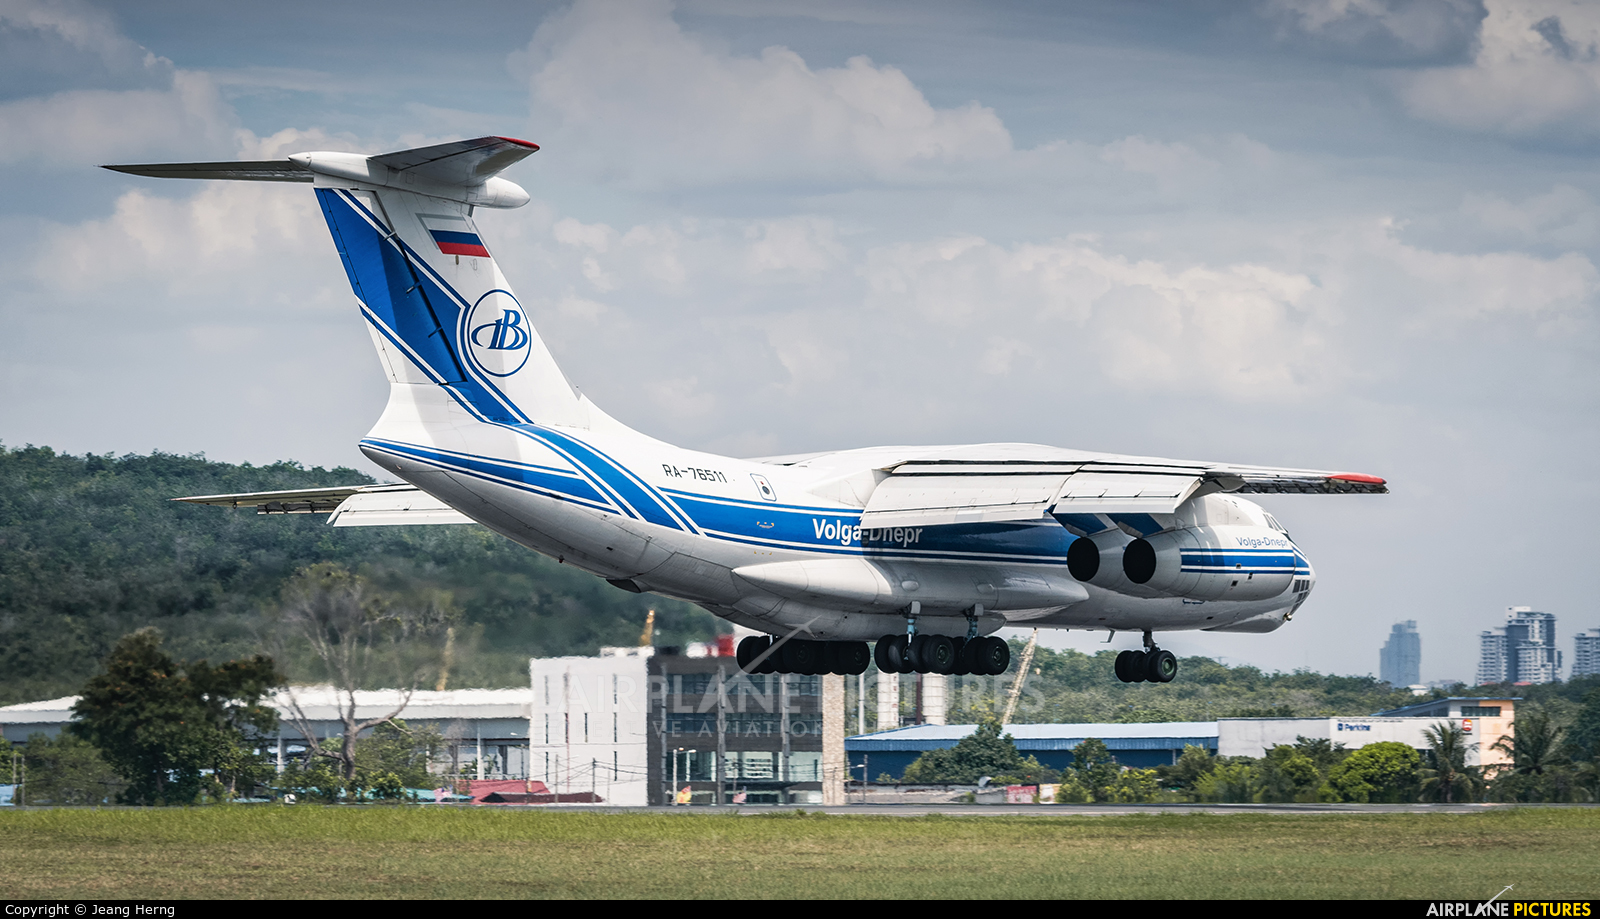 Volga Dnepr Airlines RA-76511 aircraft at Subang - Sultan Abdul Aziz Shah